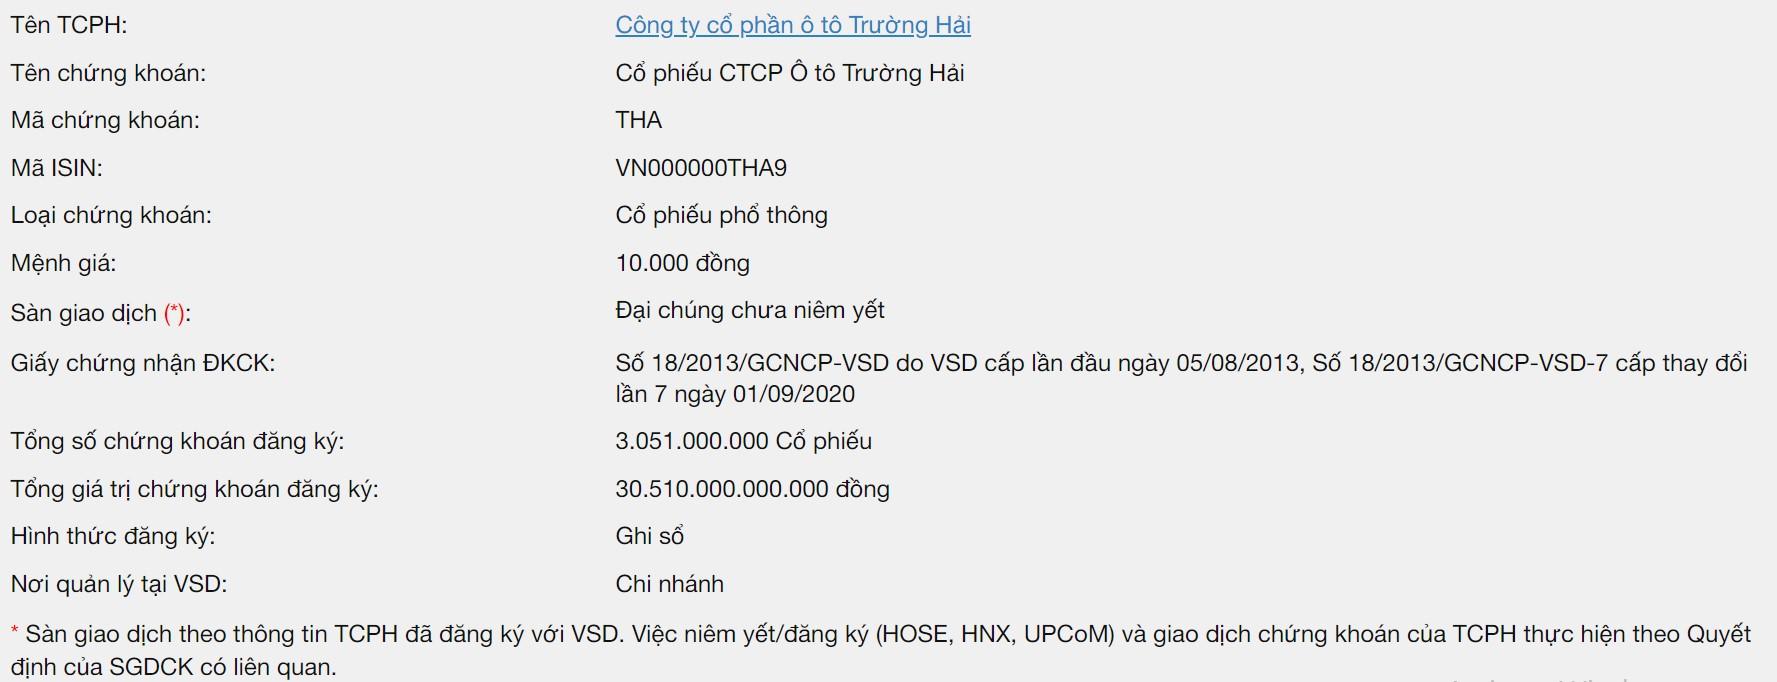 Ô tô Trường Hải (Thaco) hủy đăng ký công ty đại chúng - Ảnh 1.